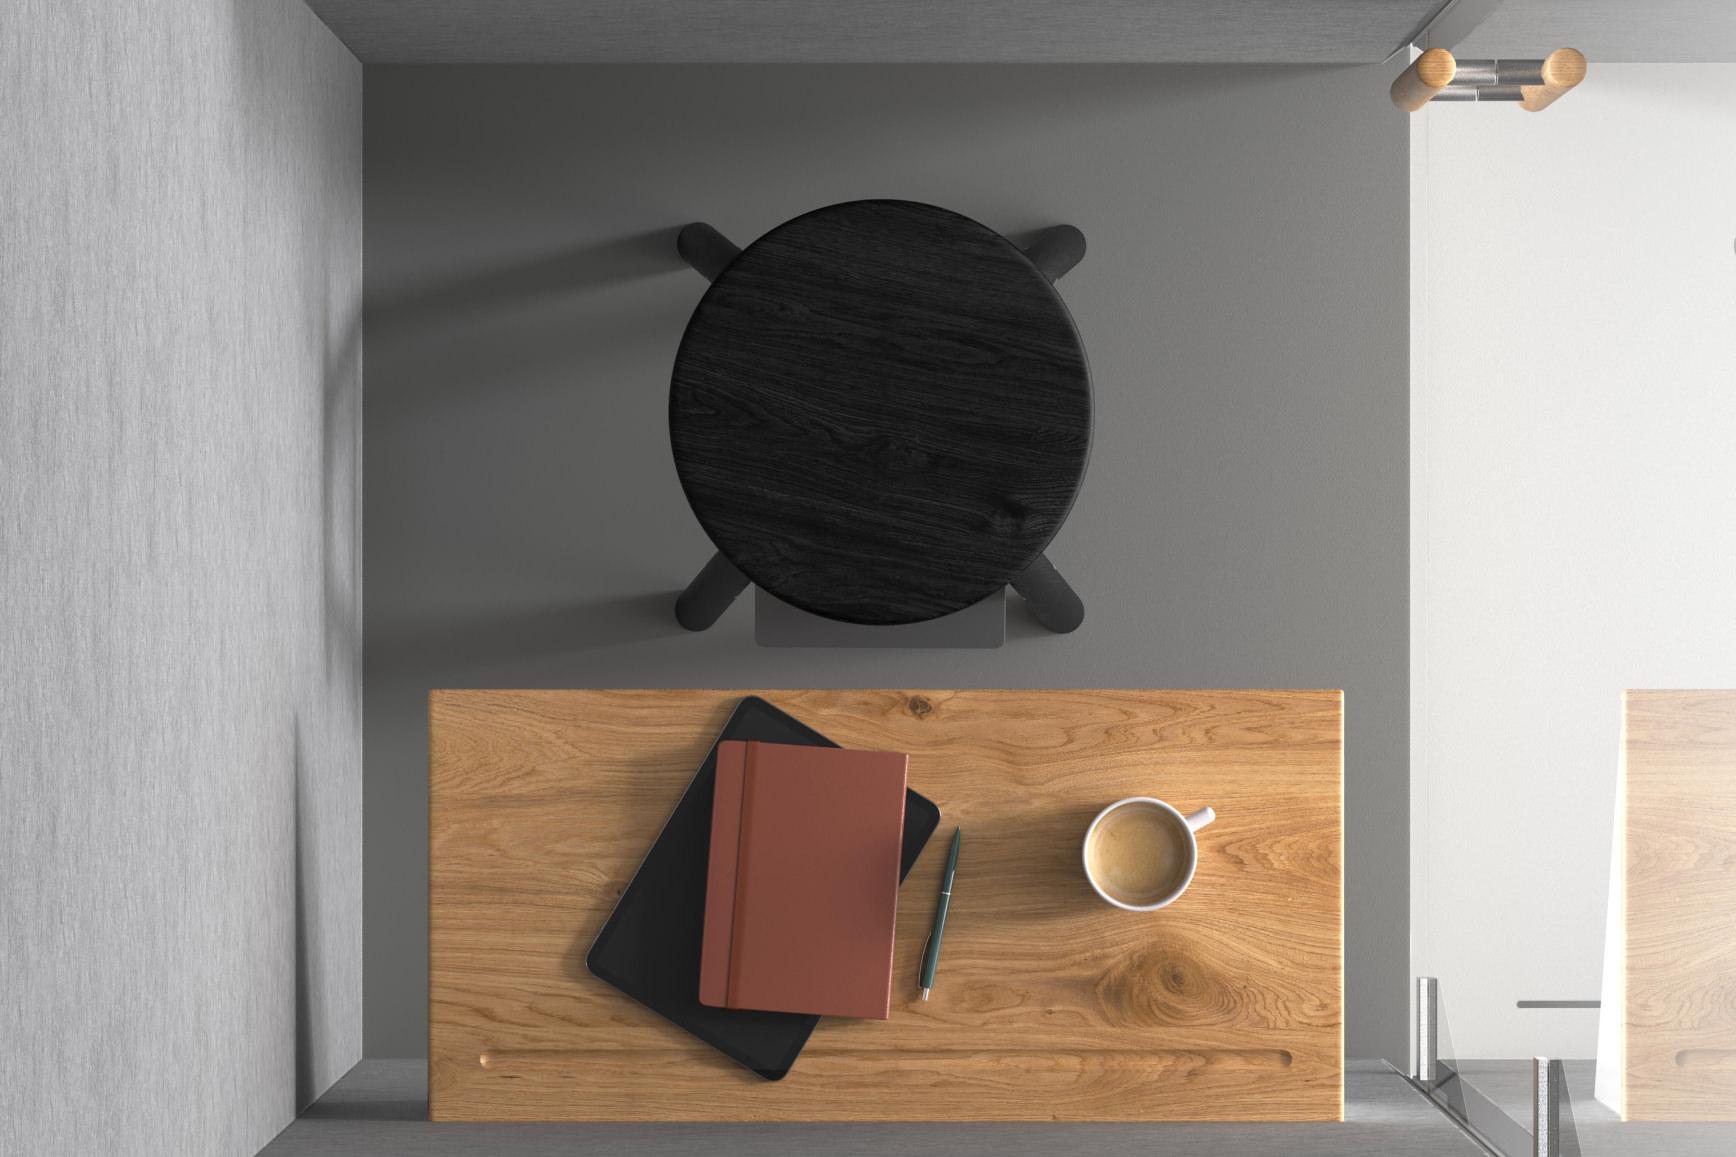 Vogelperspektive in eine Telefonkabine. Man sieht einen Tisch mit Notizbüchern, Kaffeetasse und einen schwarzen Hocker.